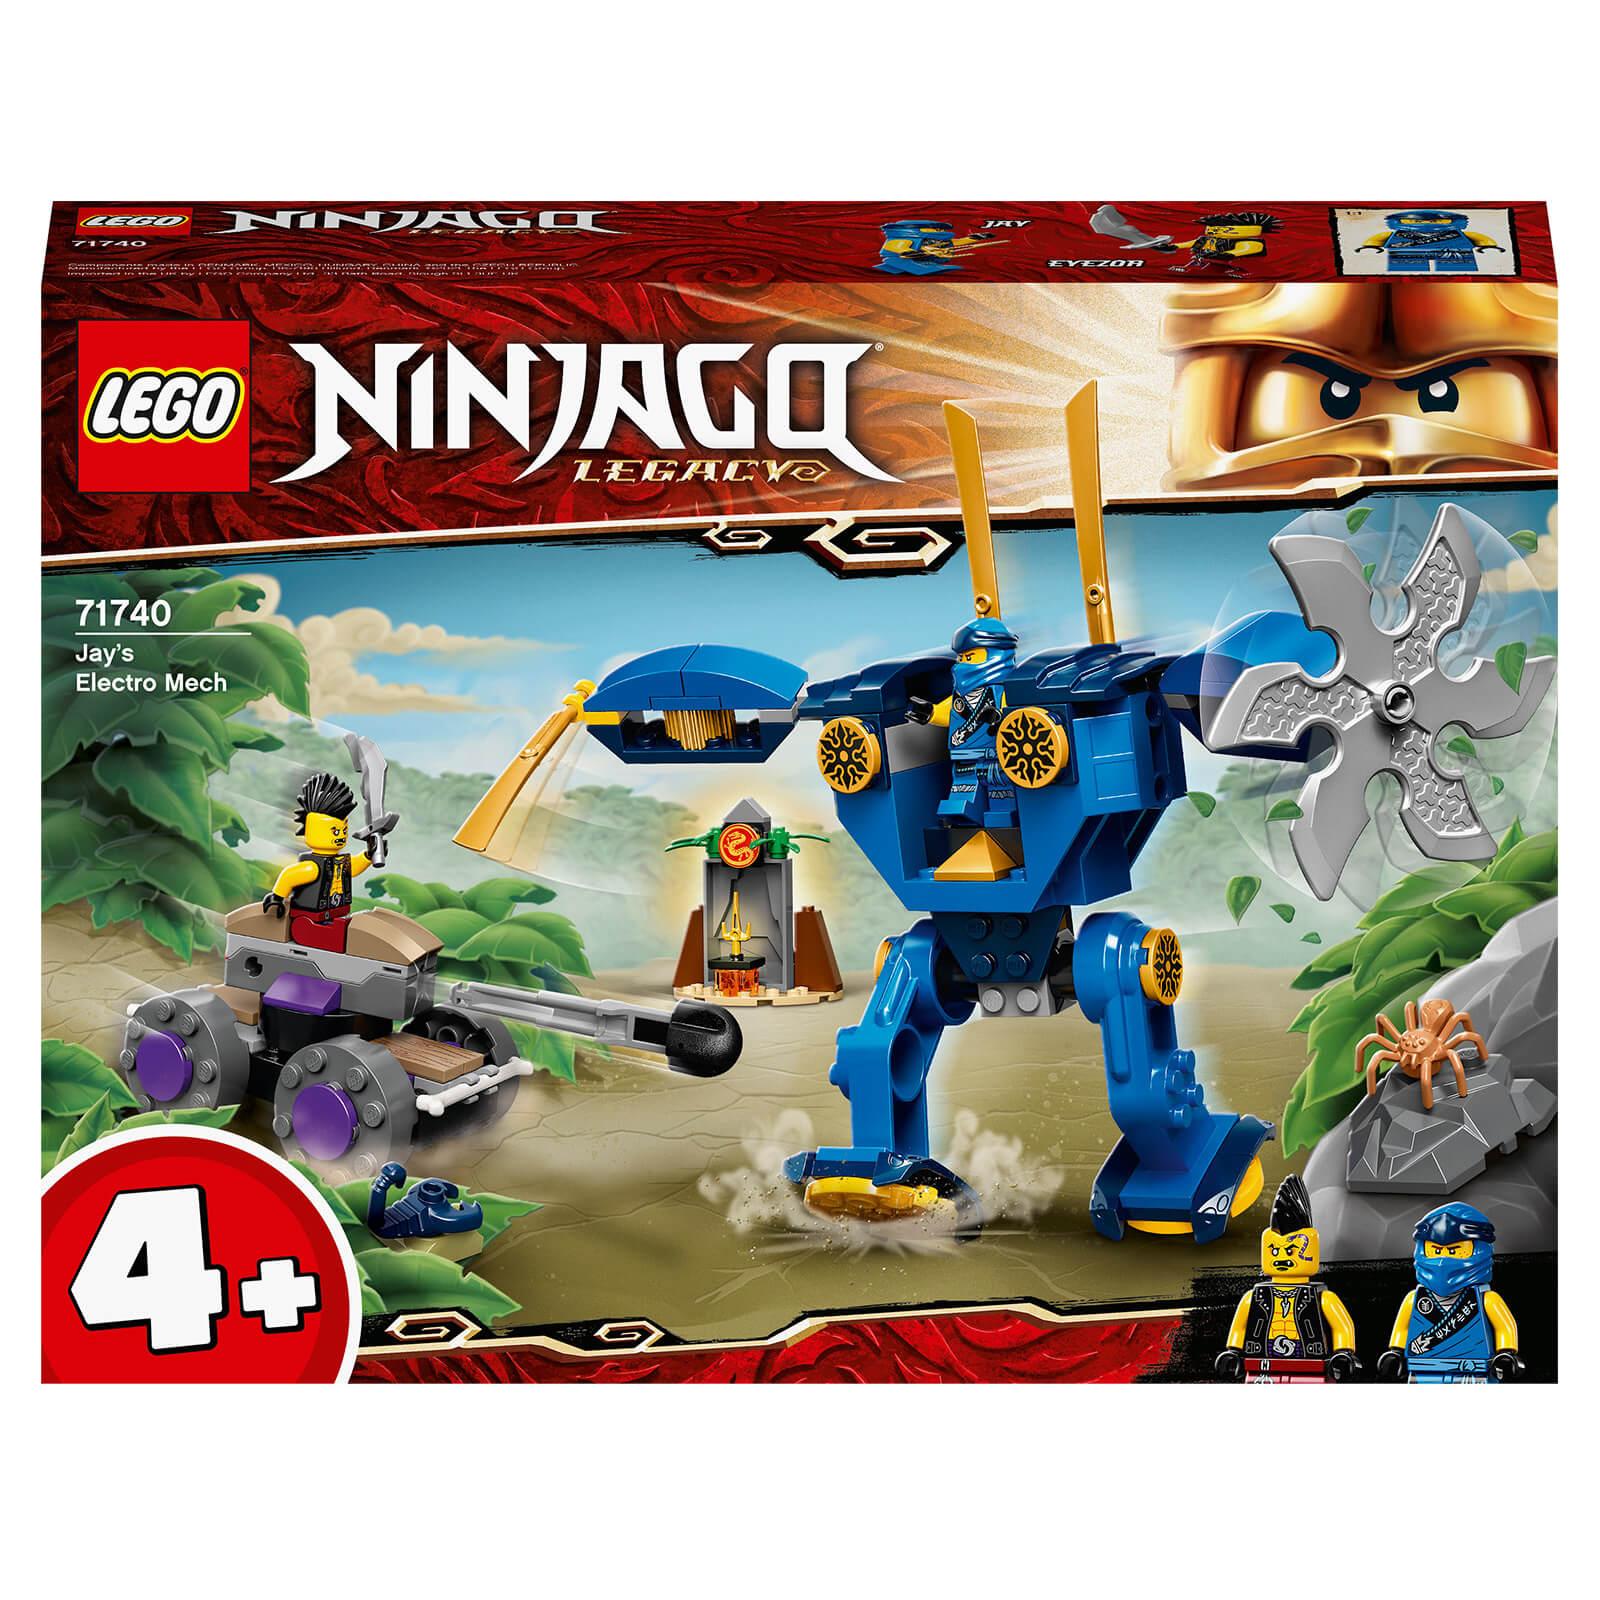 LEGO NINJAGO: Legacy Jay�s Electro Mech Toy (71740)